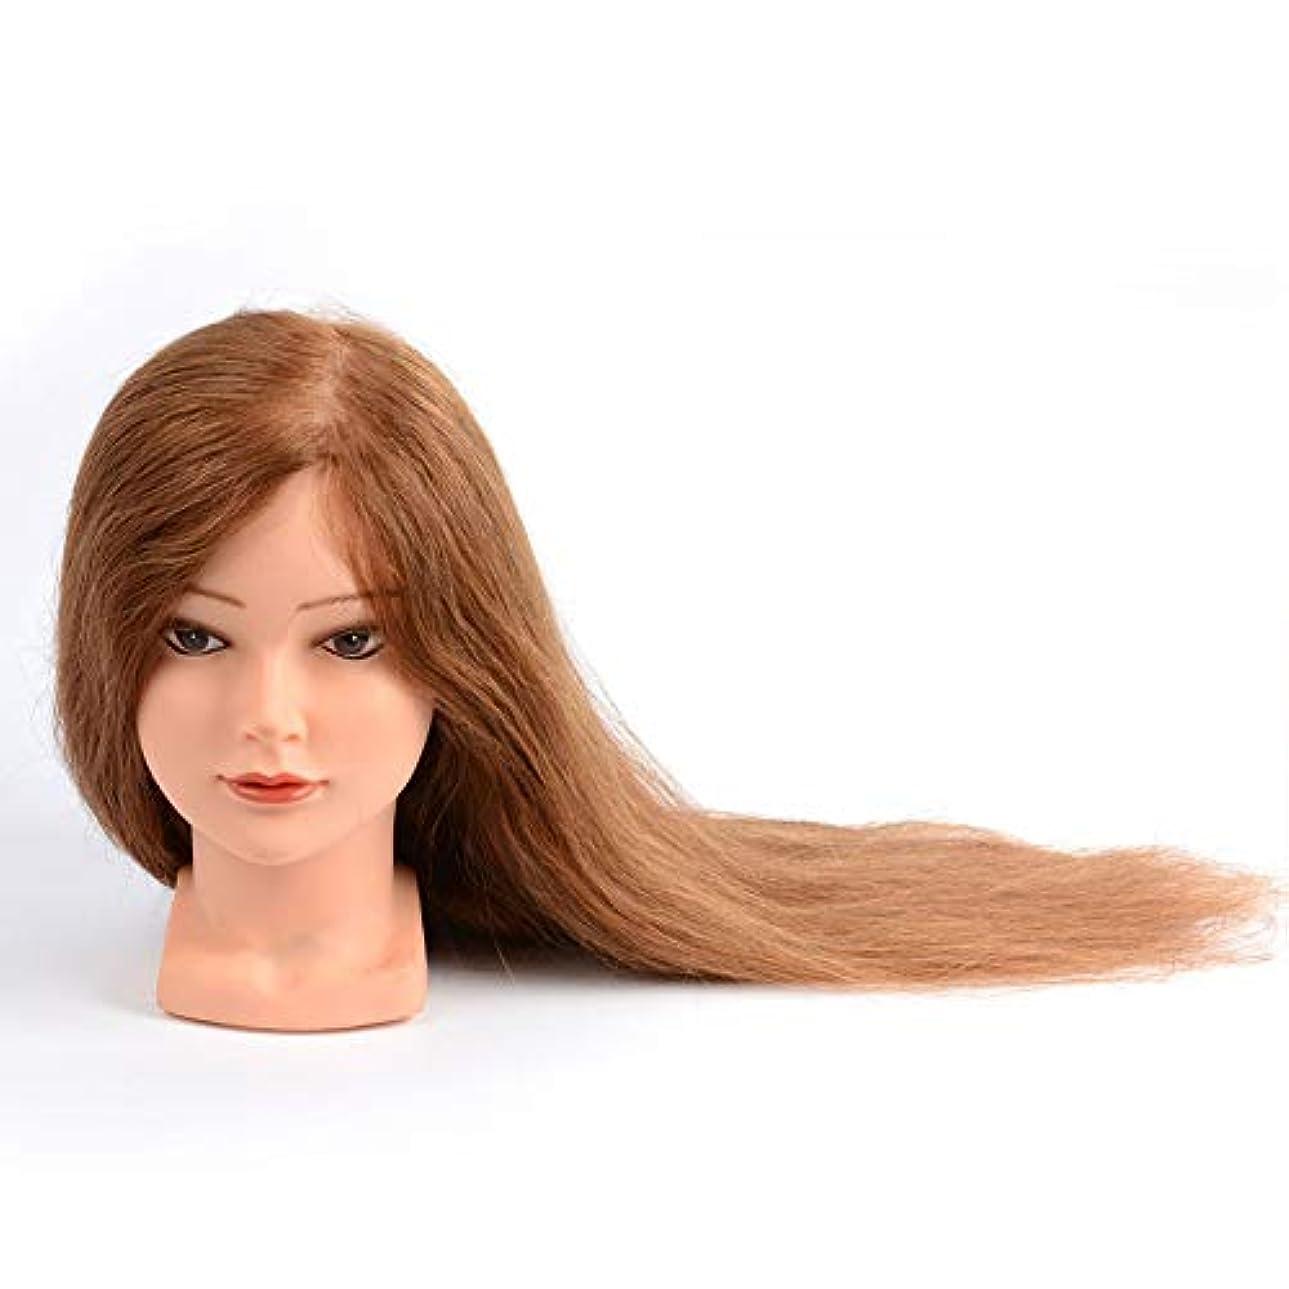 ゴシップ雨のピクニックをするゴールデンプラクティスマネキンヘッドブライダルメイクスタイリングプラクティスダミーヘッドヘアサロン散髪指導ヘッドは染めることができます漂白